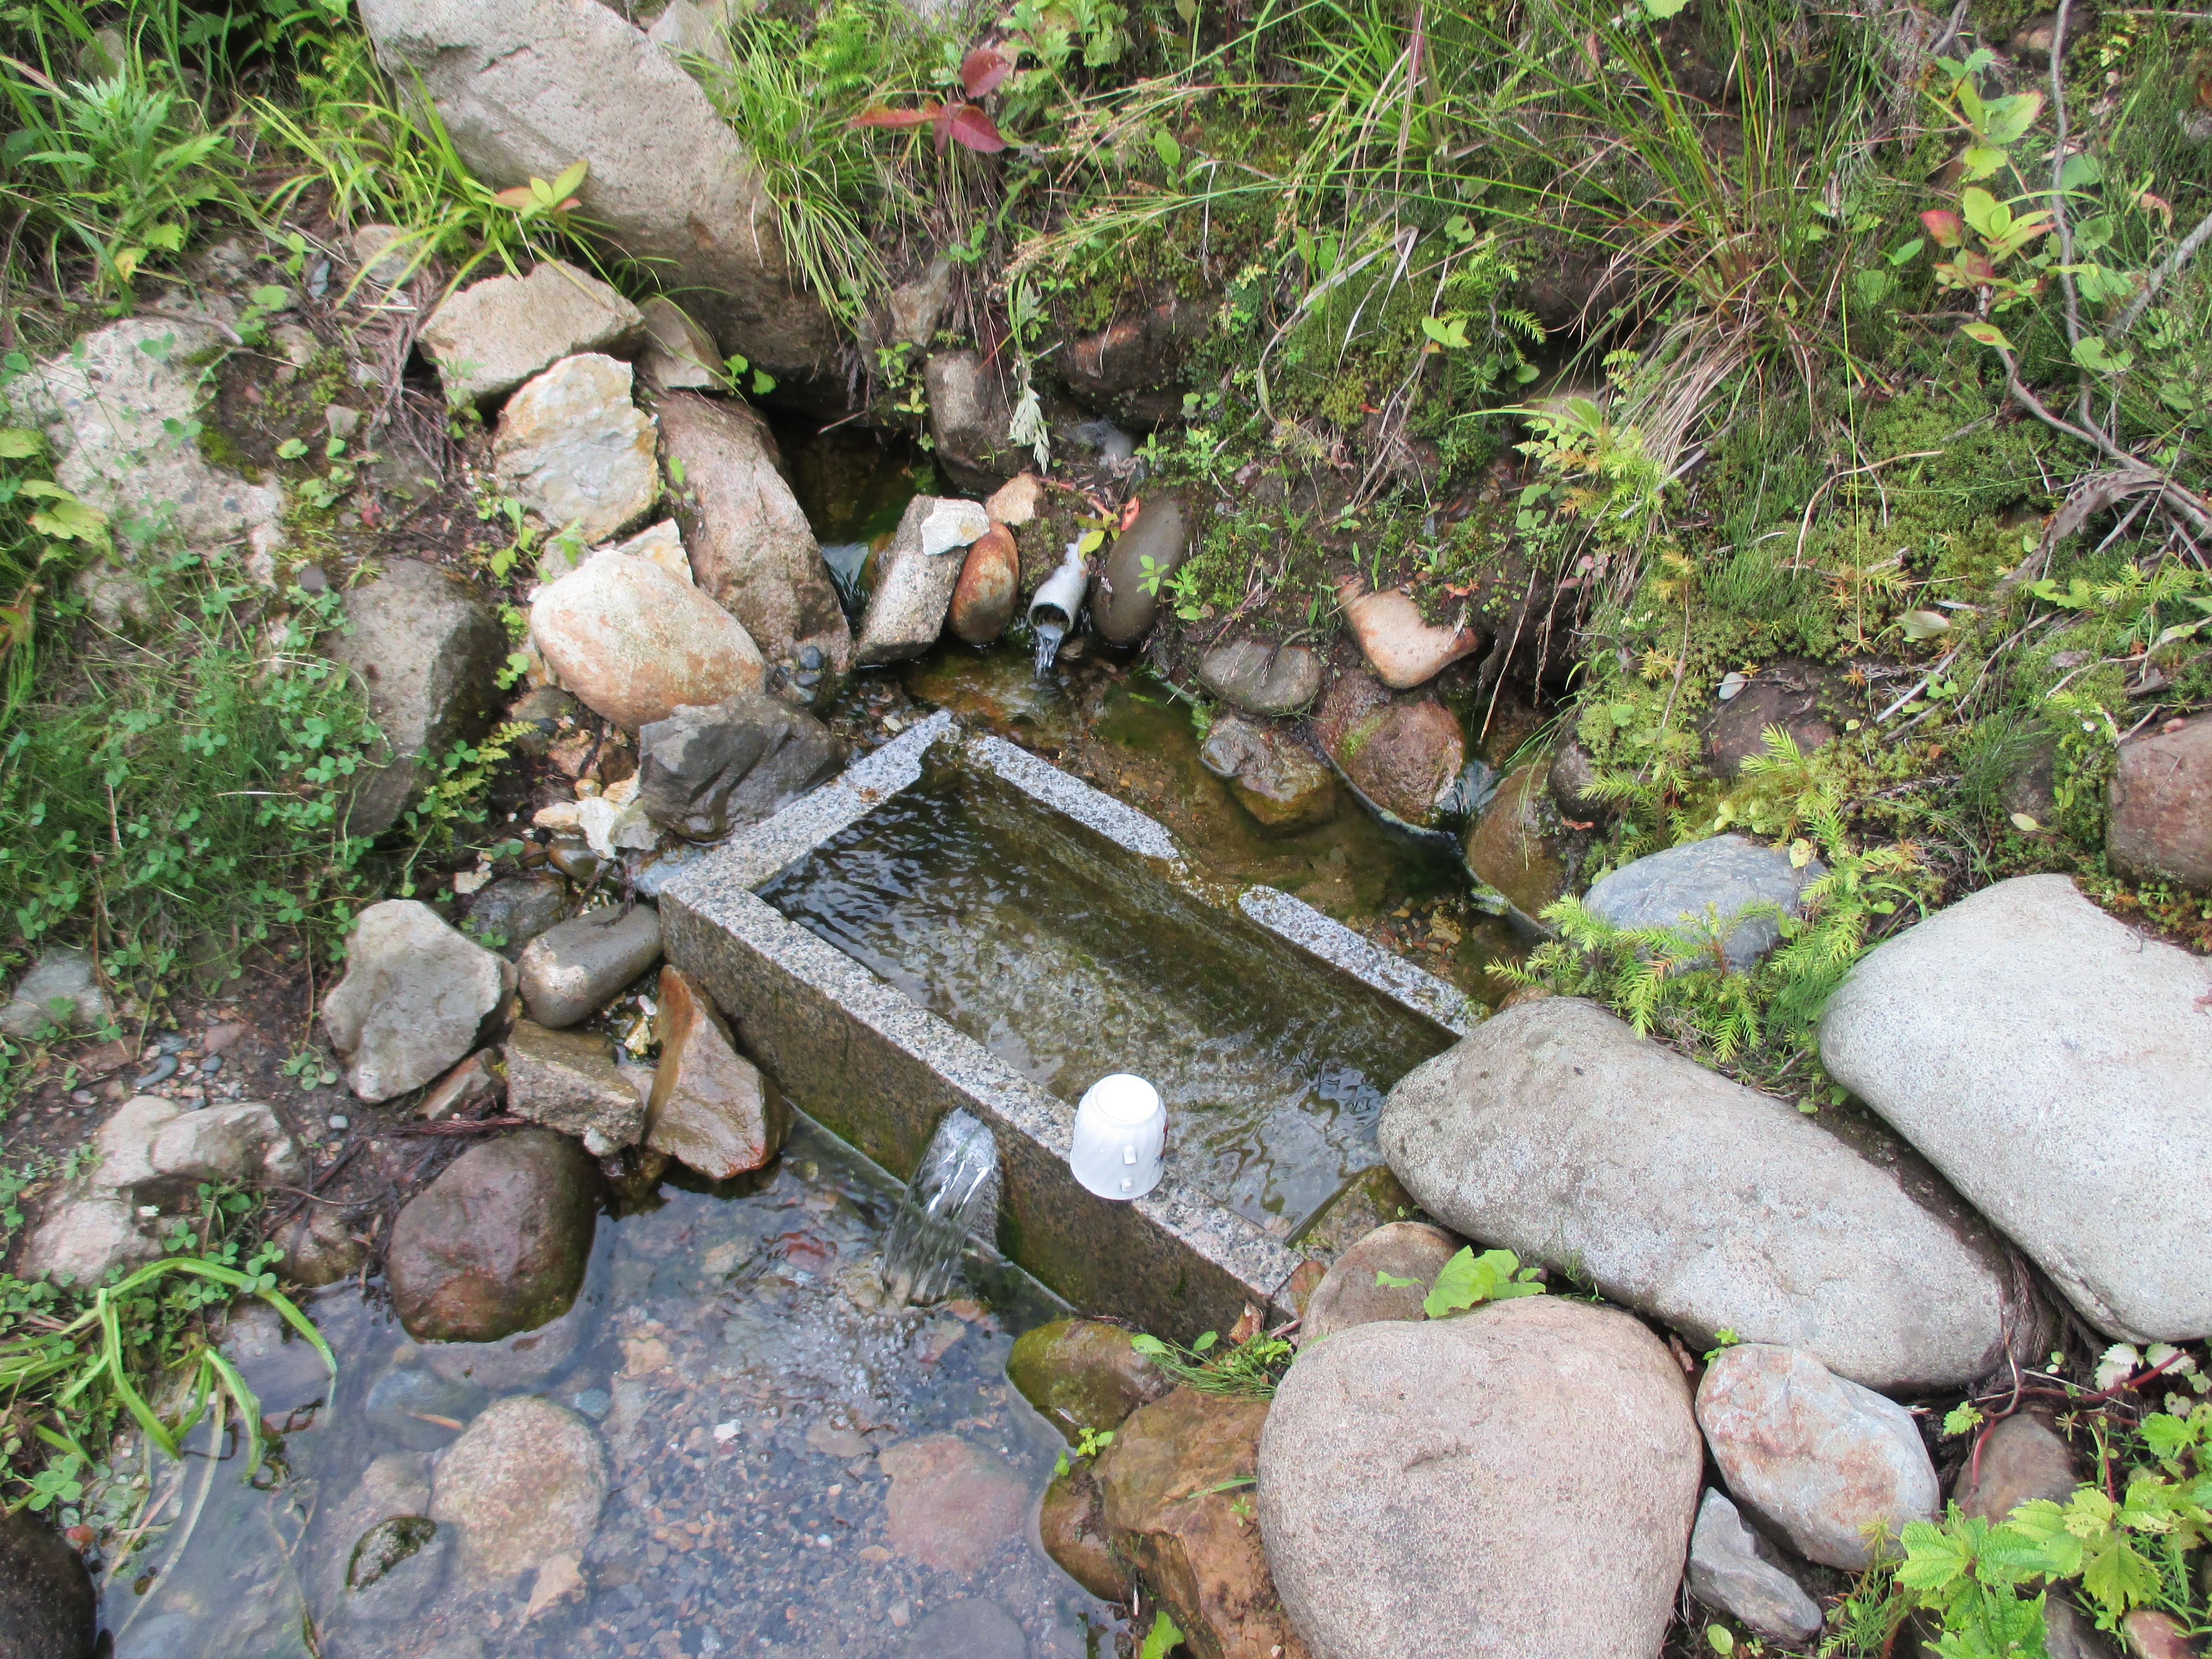 日本にもあった!!天然炭酸水を汲みに奥会津の大塩炭酸水井戸に行ってきた。